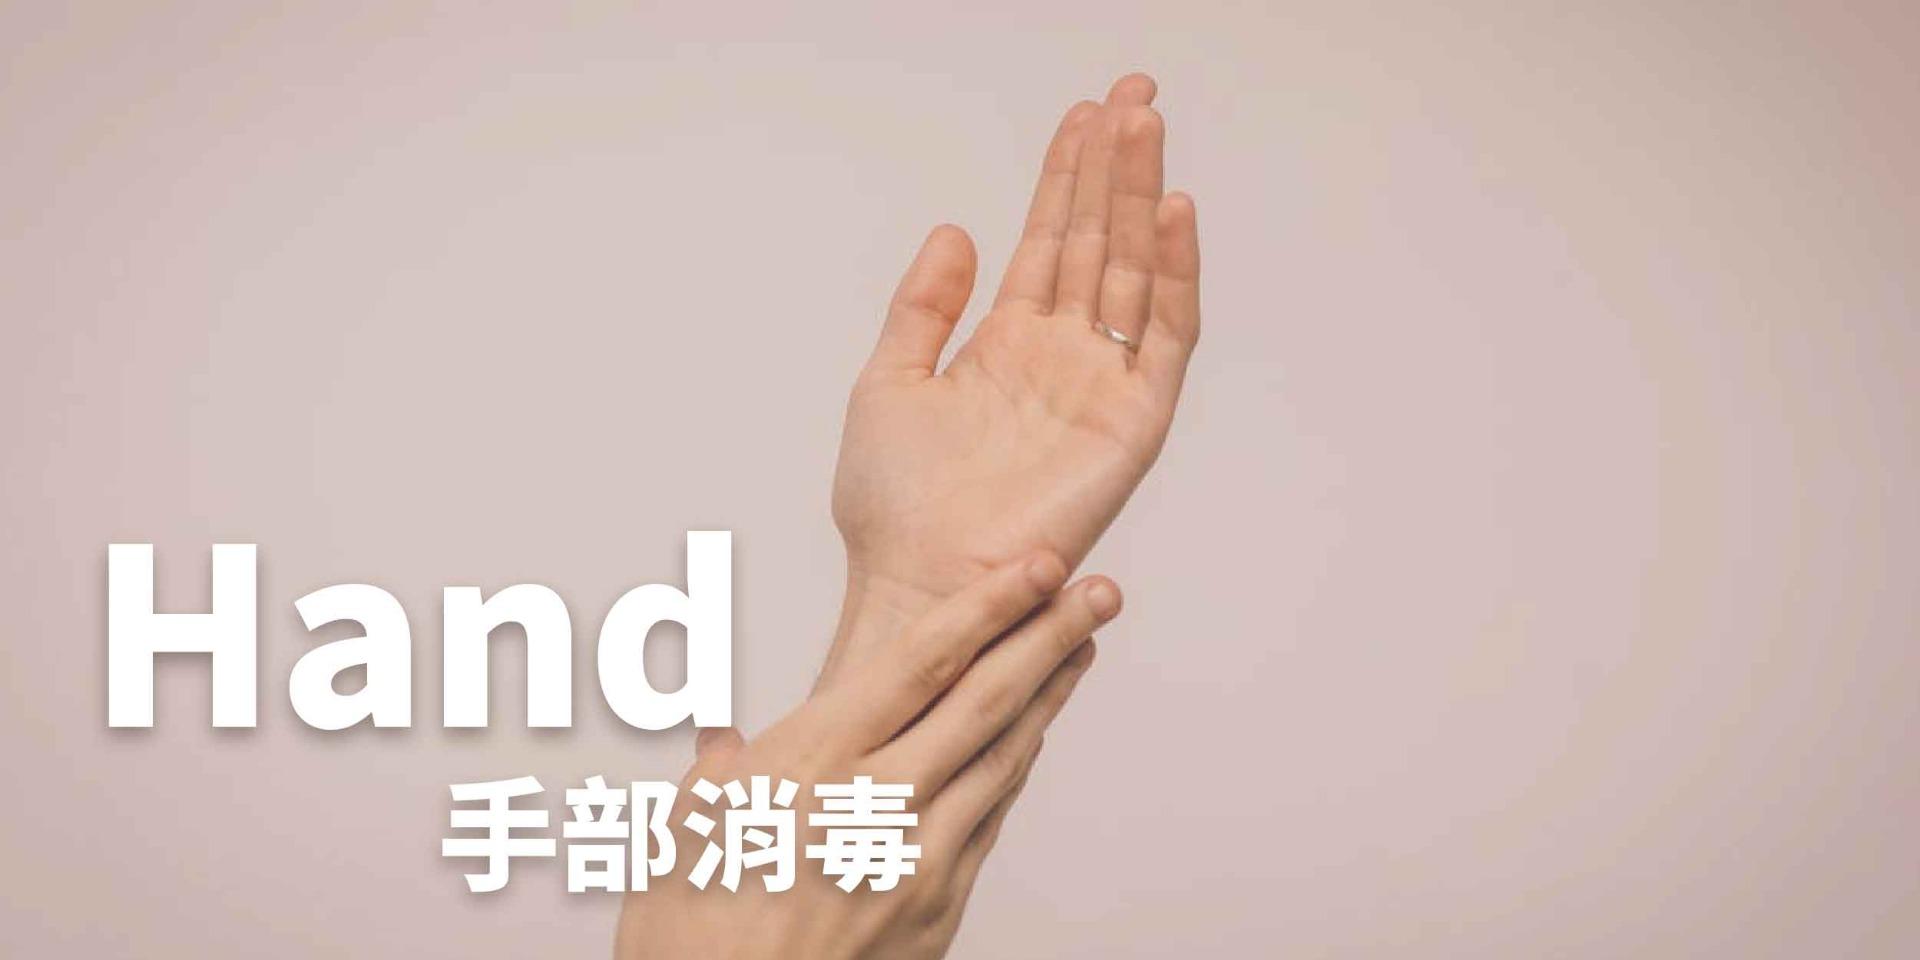 手部消毒,AQ Bio消毒殺菌噴霧、殺菌達99.9999%, 對抗濕疹,暗瘡,皮膚敏感,念珠菌,鼻敏感,喉嚨痛, 助皮膚修護細胞, 產生抗菌能